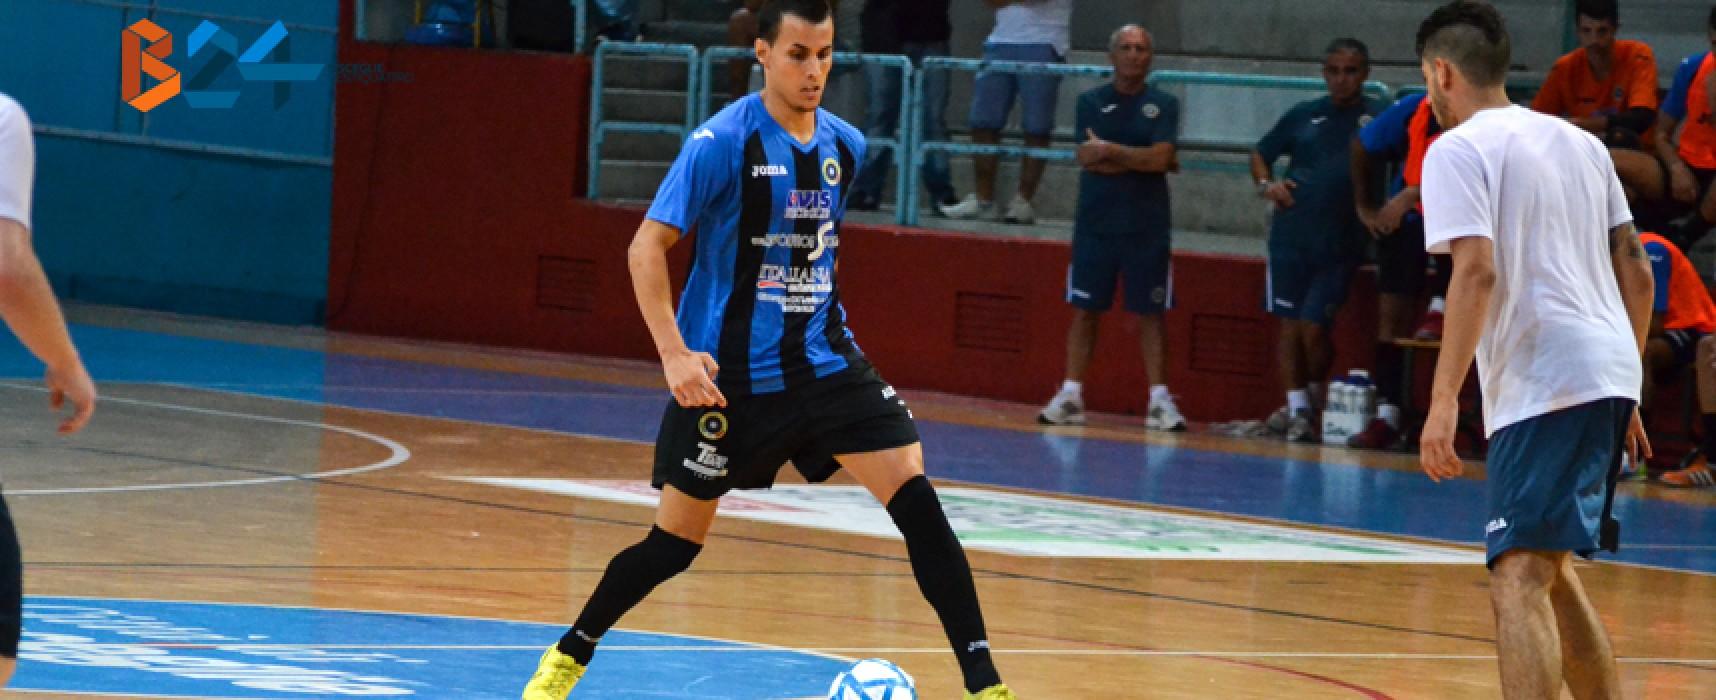 Futsal Bisceglie, 3-3 all'esordio sul difficile campo del Venafro